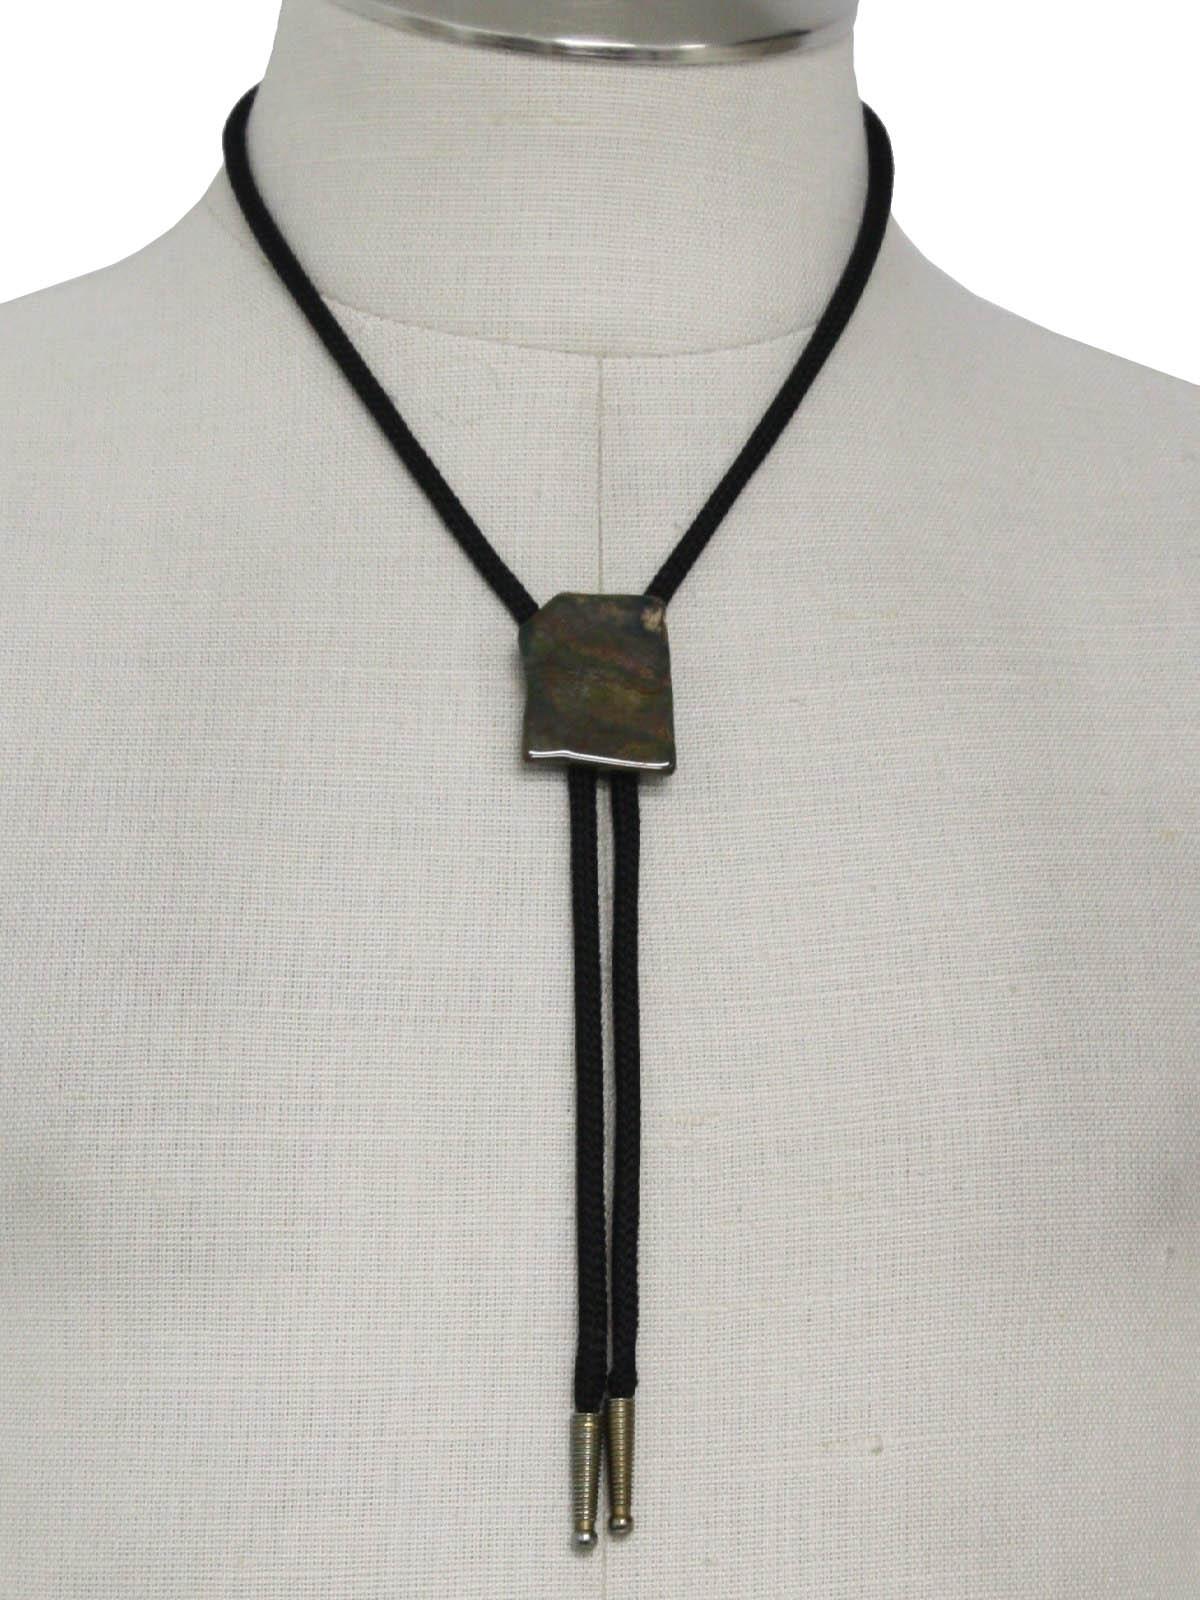 Neck Tie Blouses